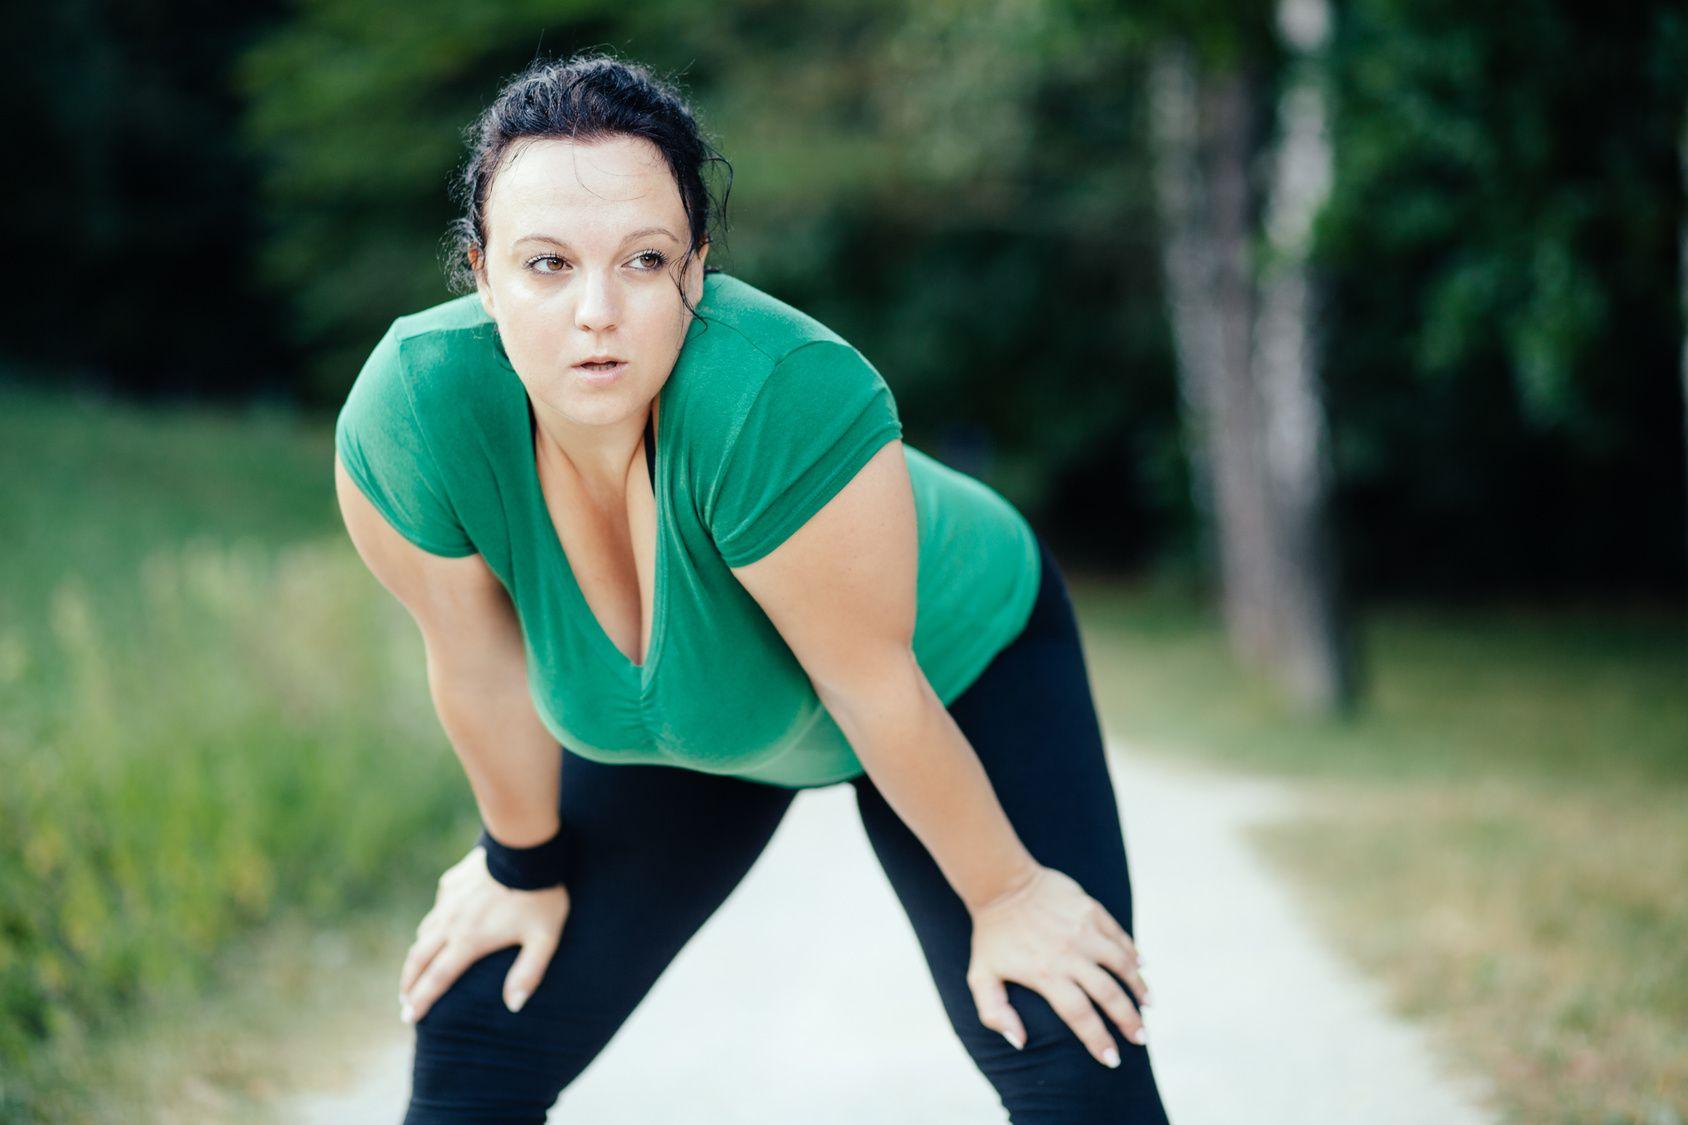 Бега Можно Похудеть. Бег для похудения: как и сколько нужно бегать, чтобы похудеть